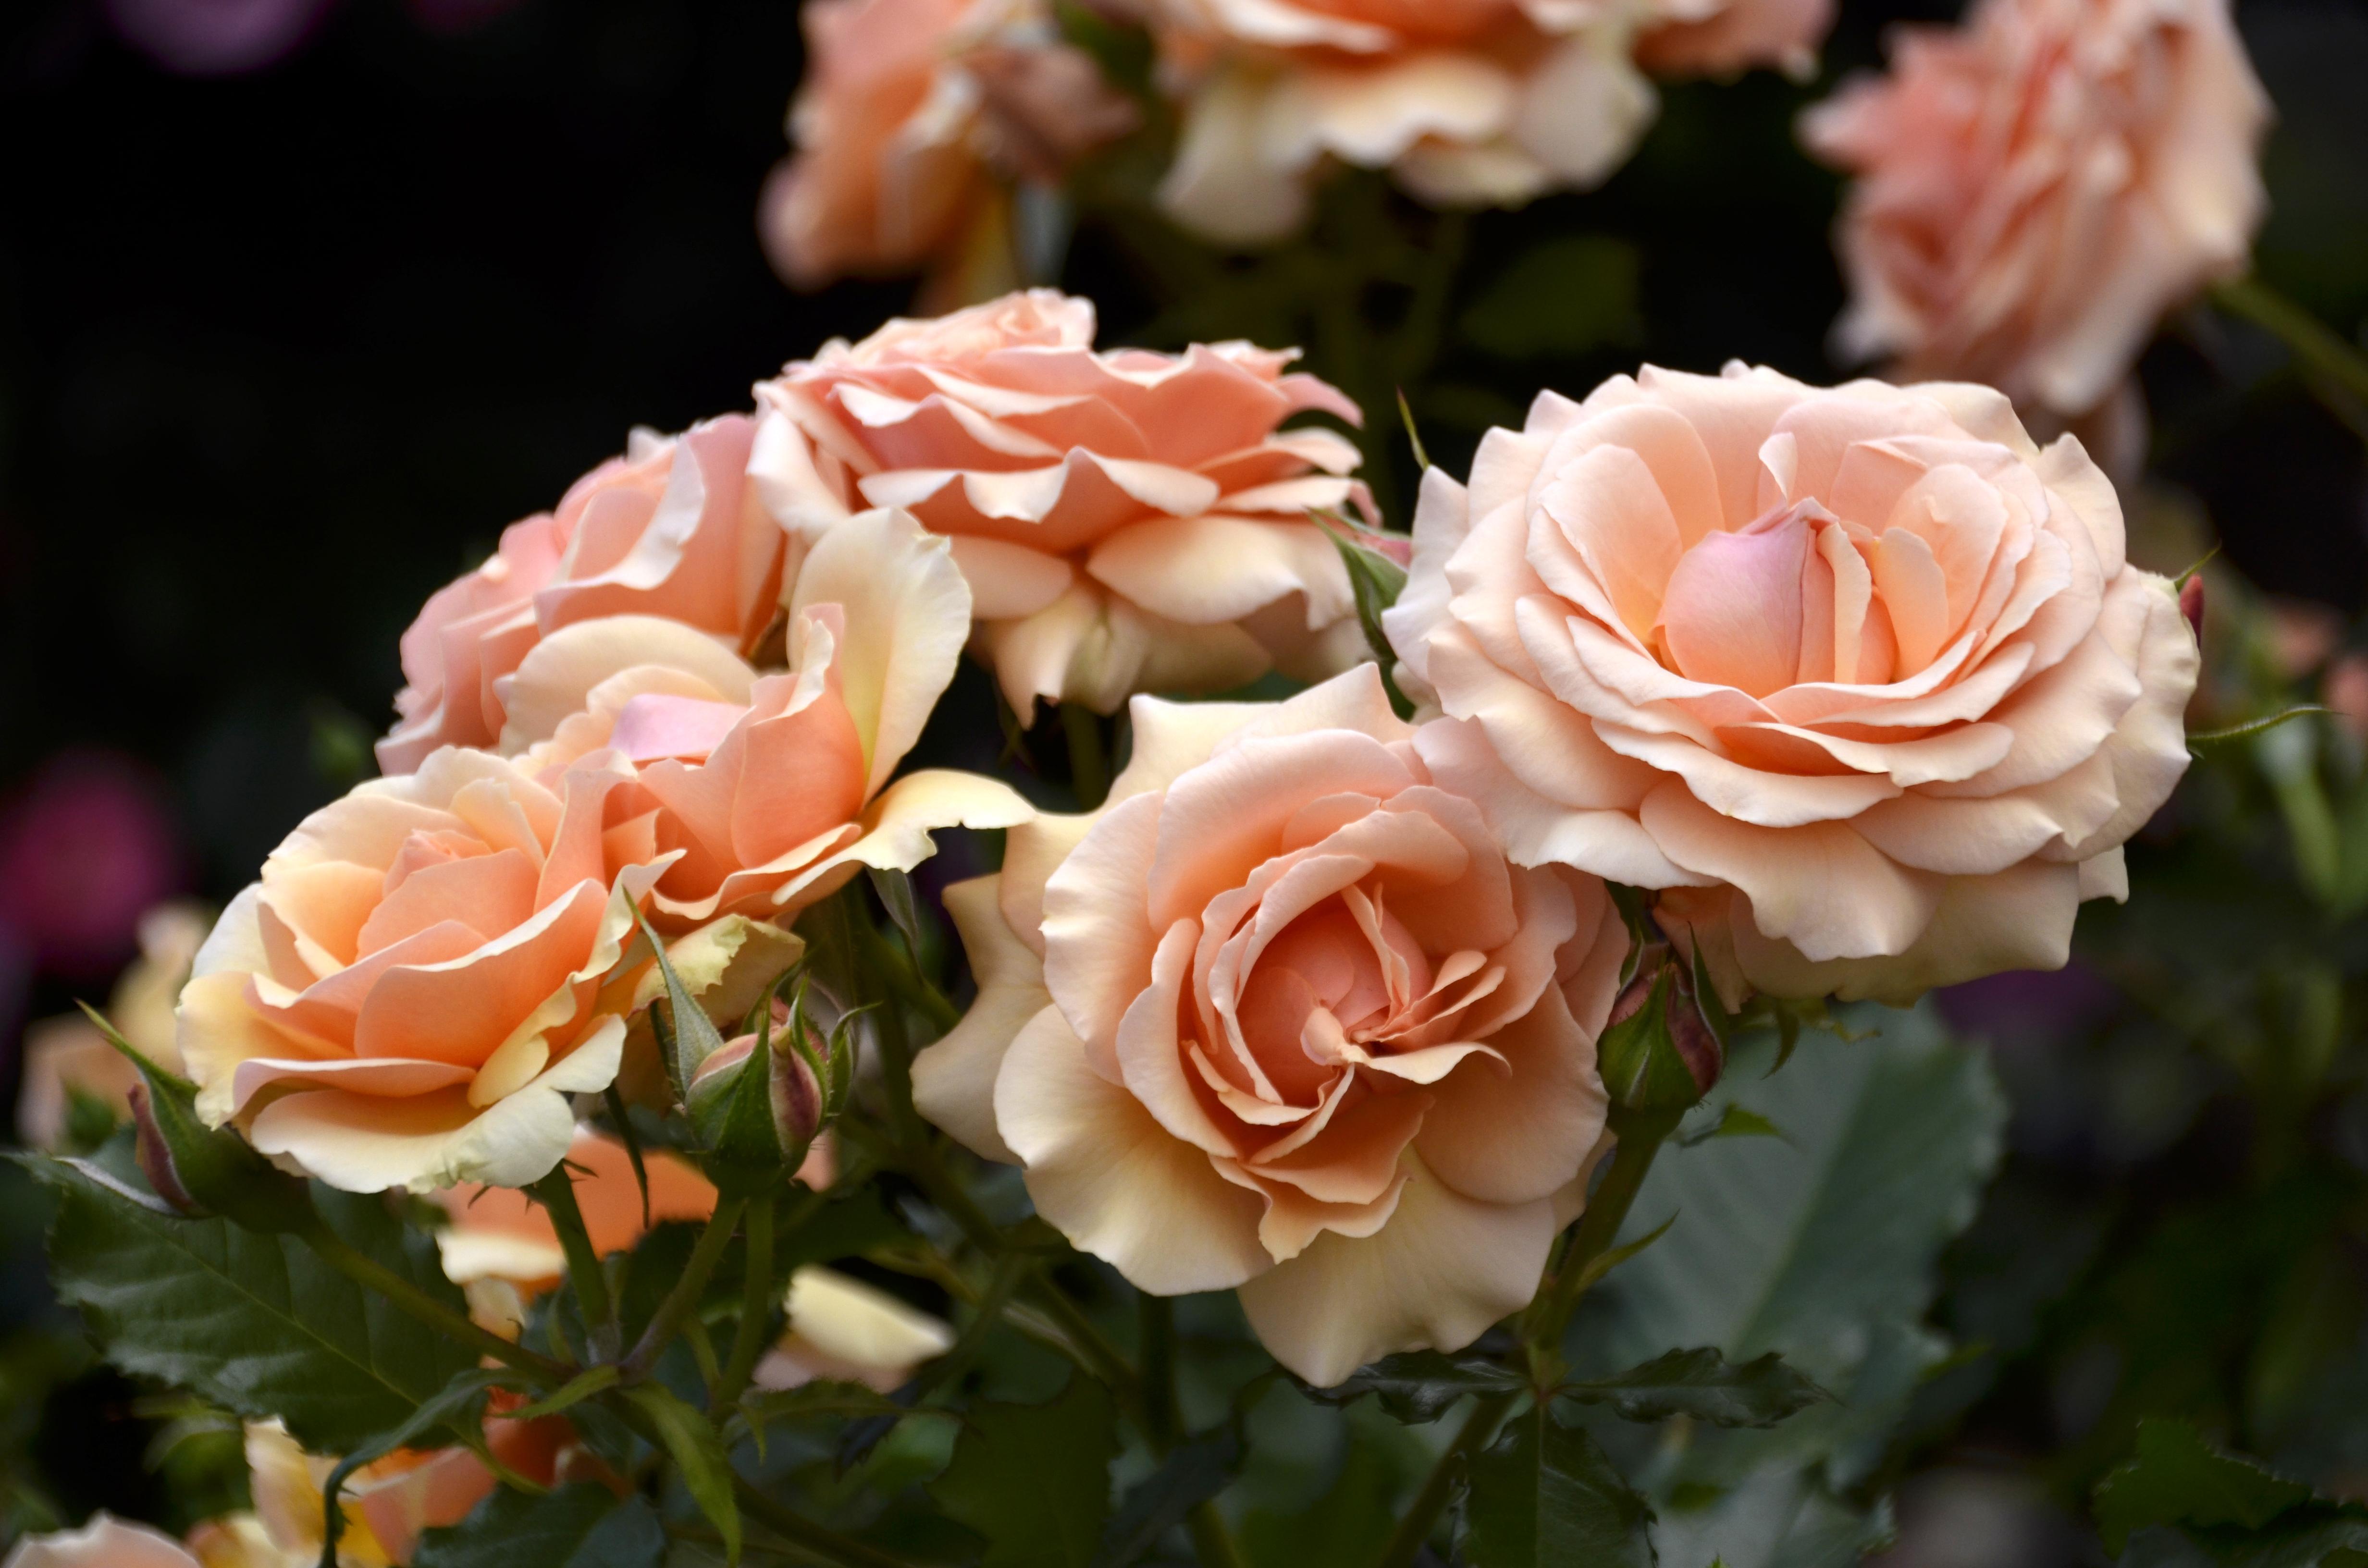 ピンクのバラ(大輪、つぼみ)